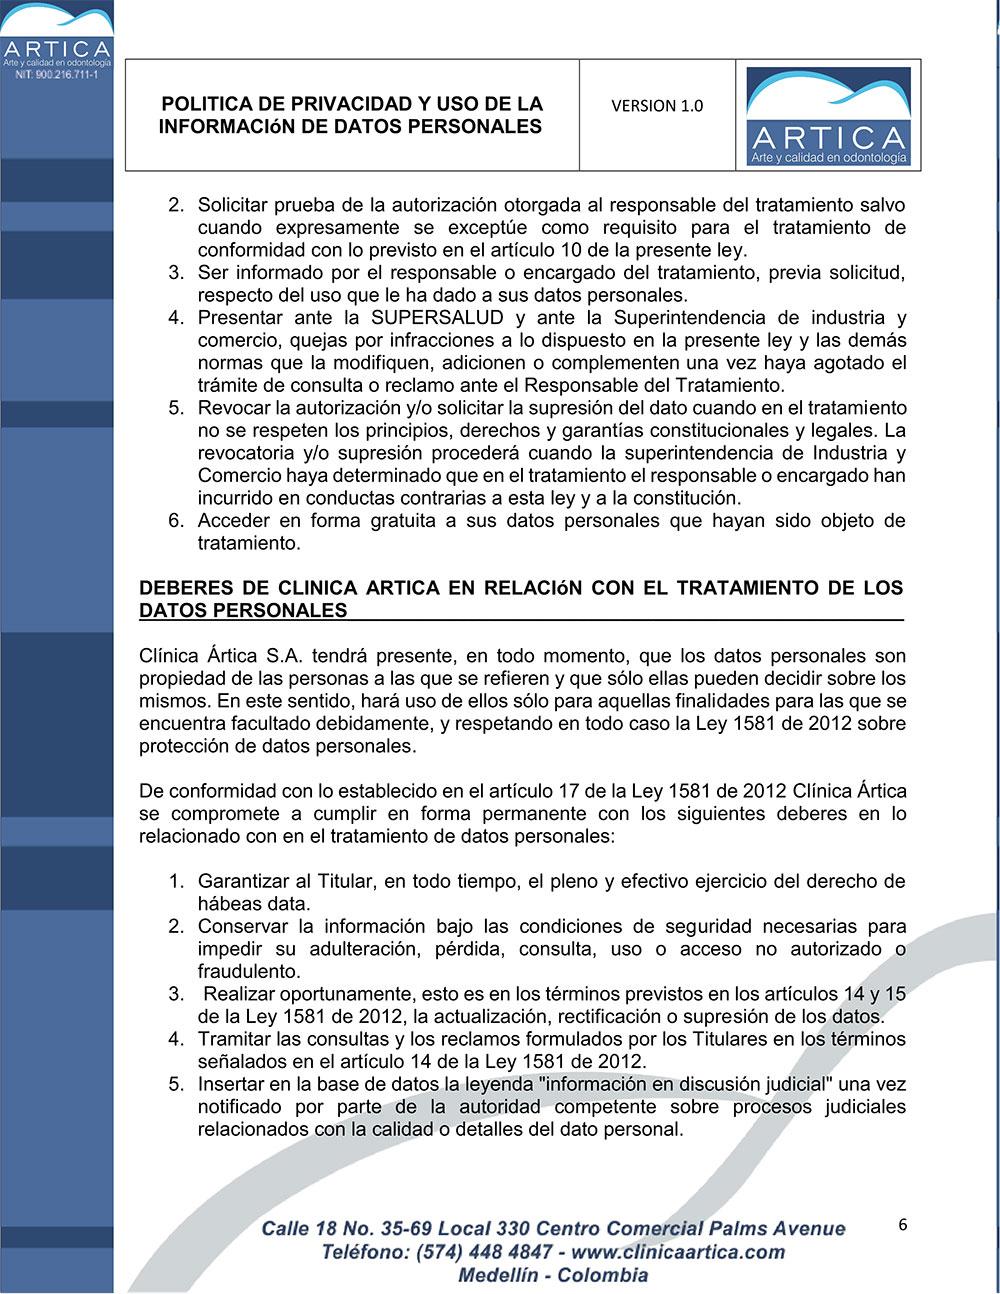 politica-de-privacidad-y-uso-de-datos-personales-clinica-artica-6